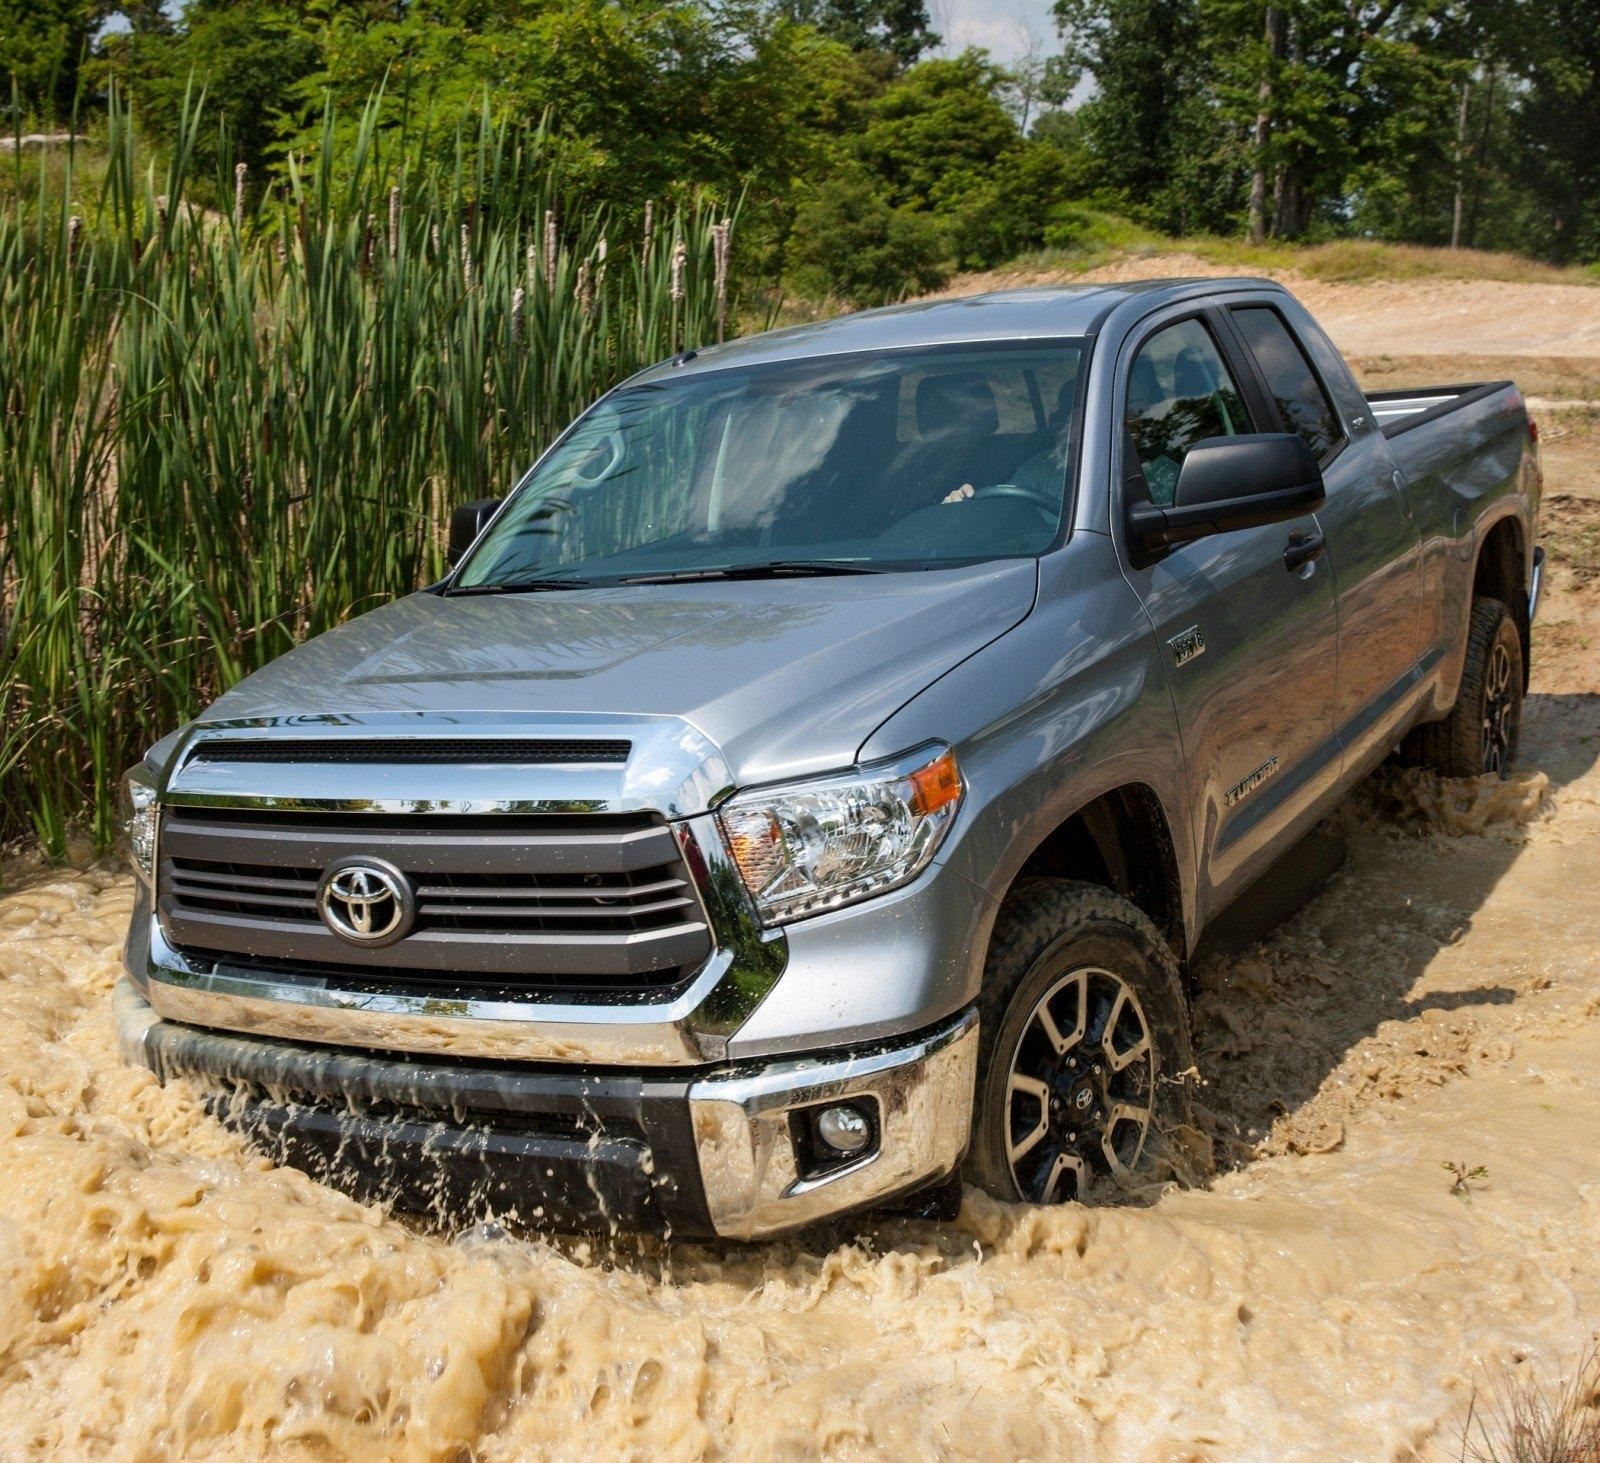 2014 Toyota Tundra 5 7l V8 Crewmax Limited